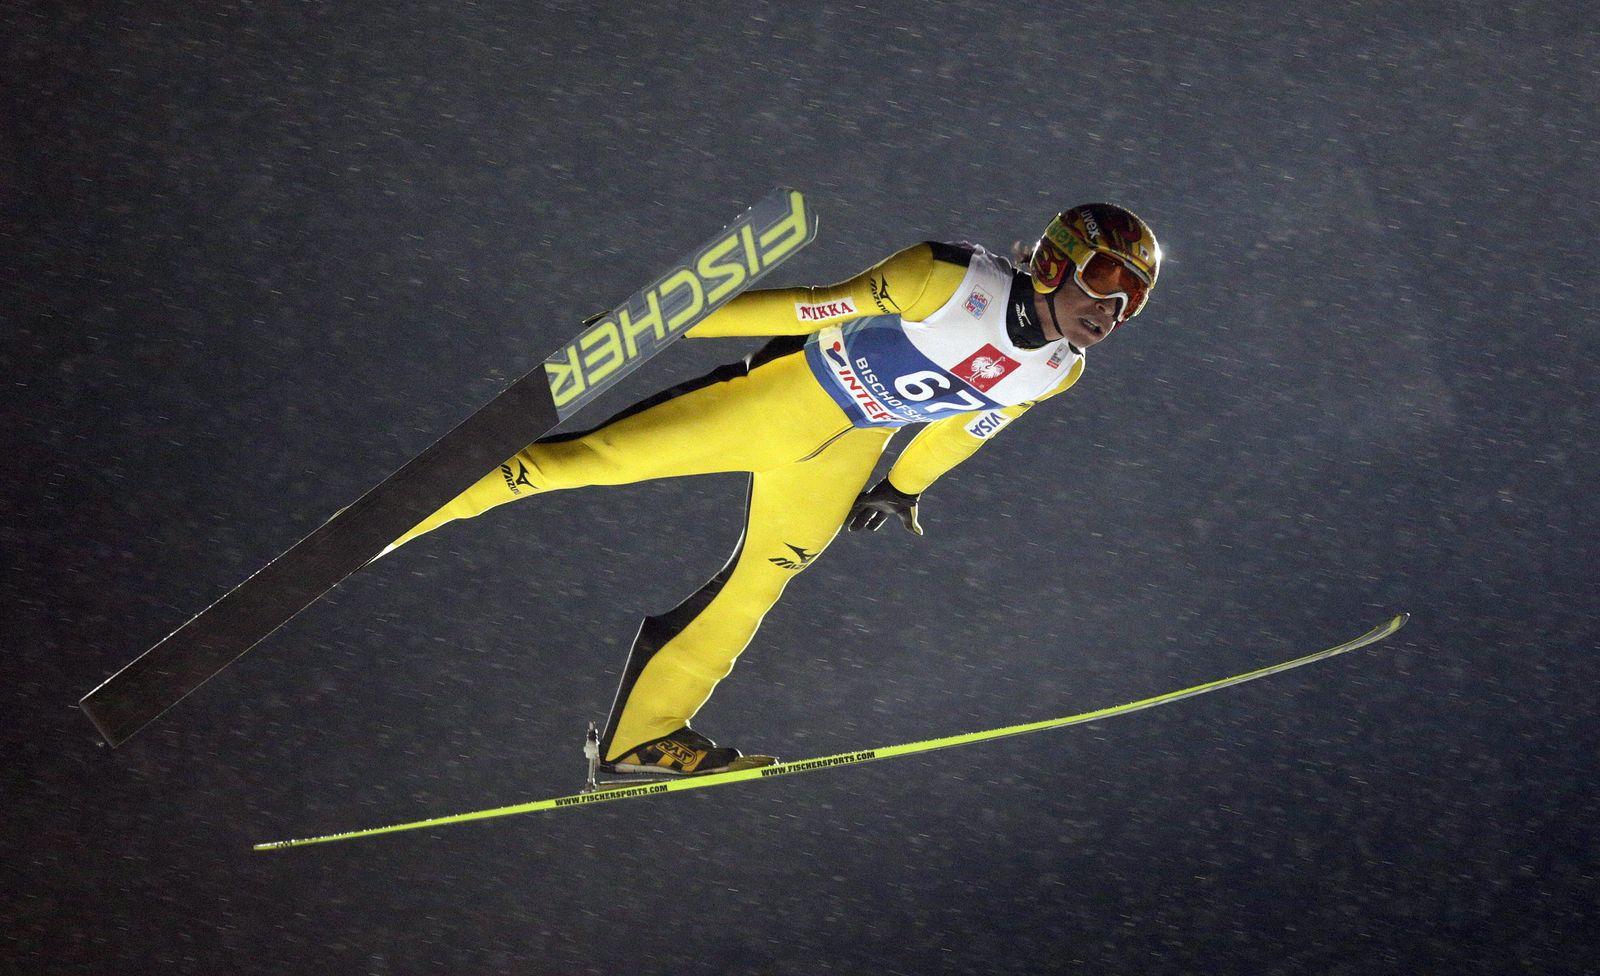 Four Hills Tournament in Bischofshofen